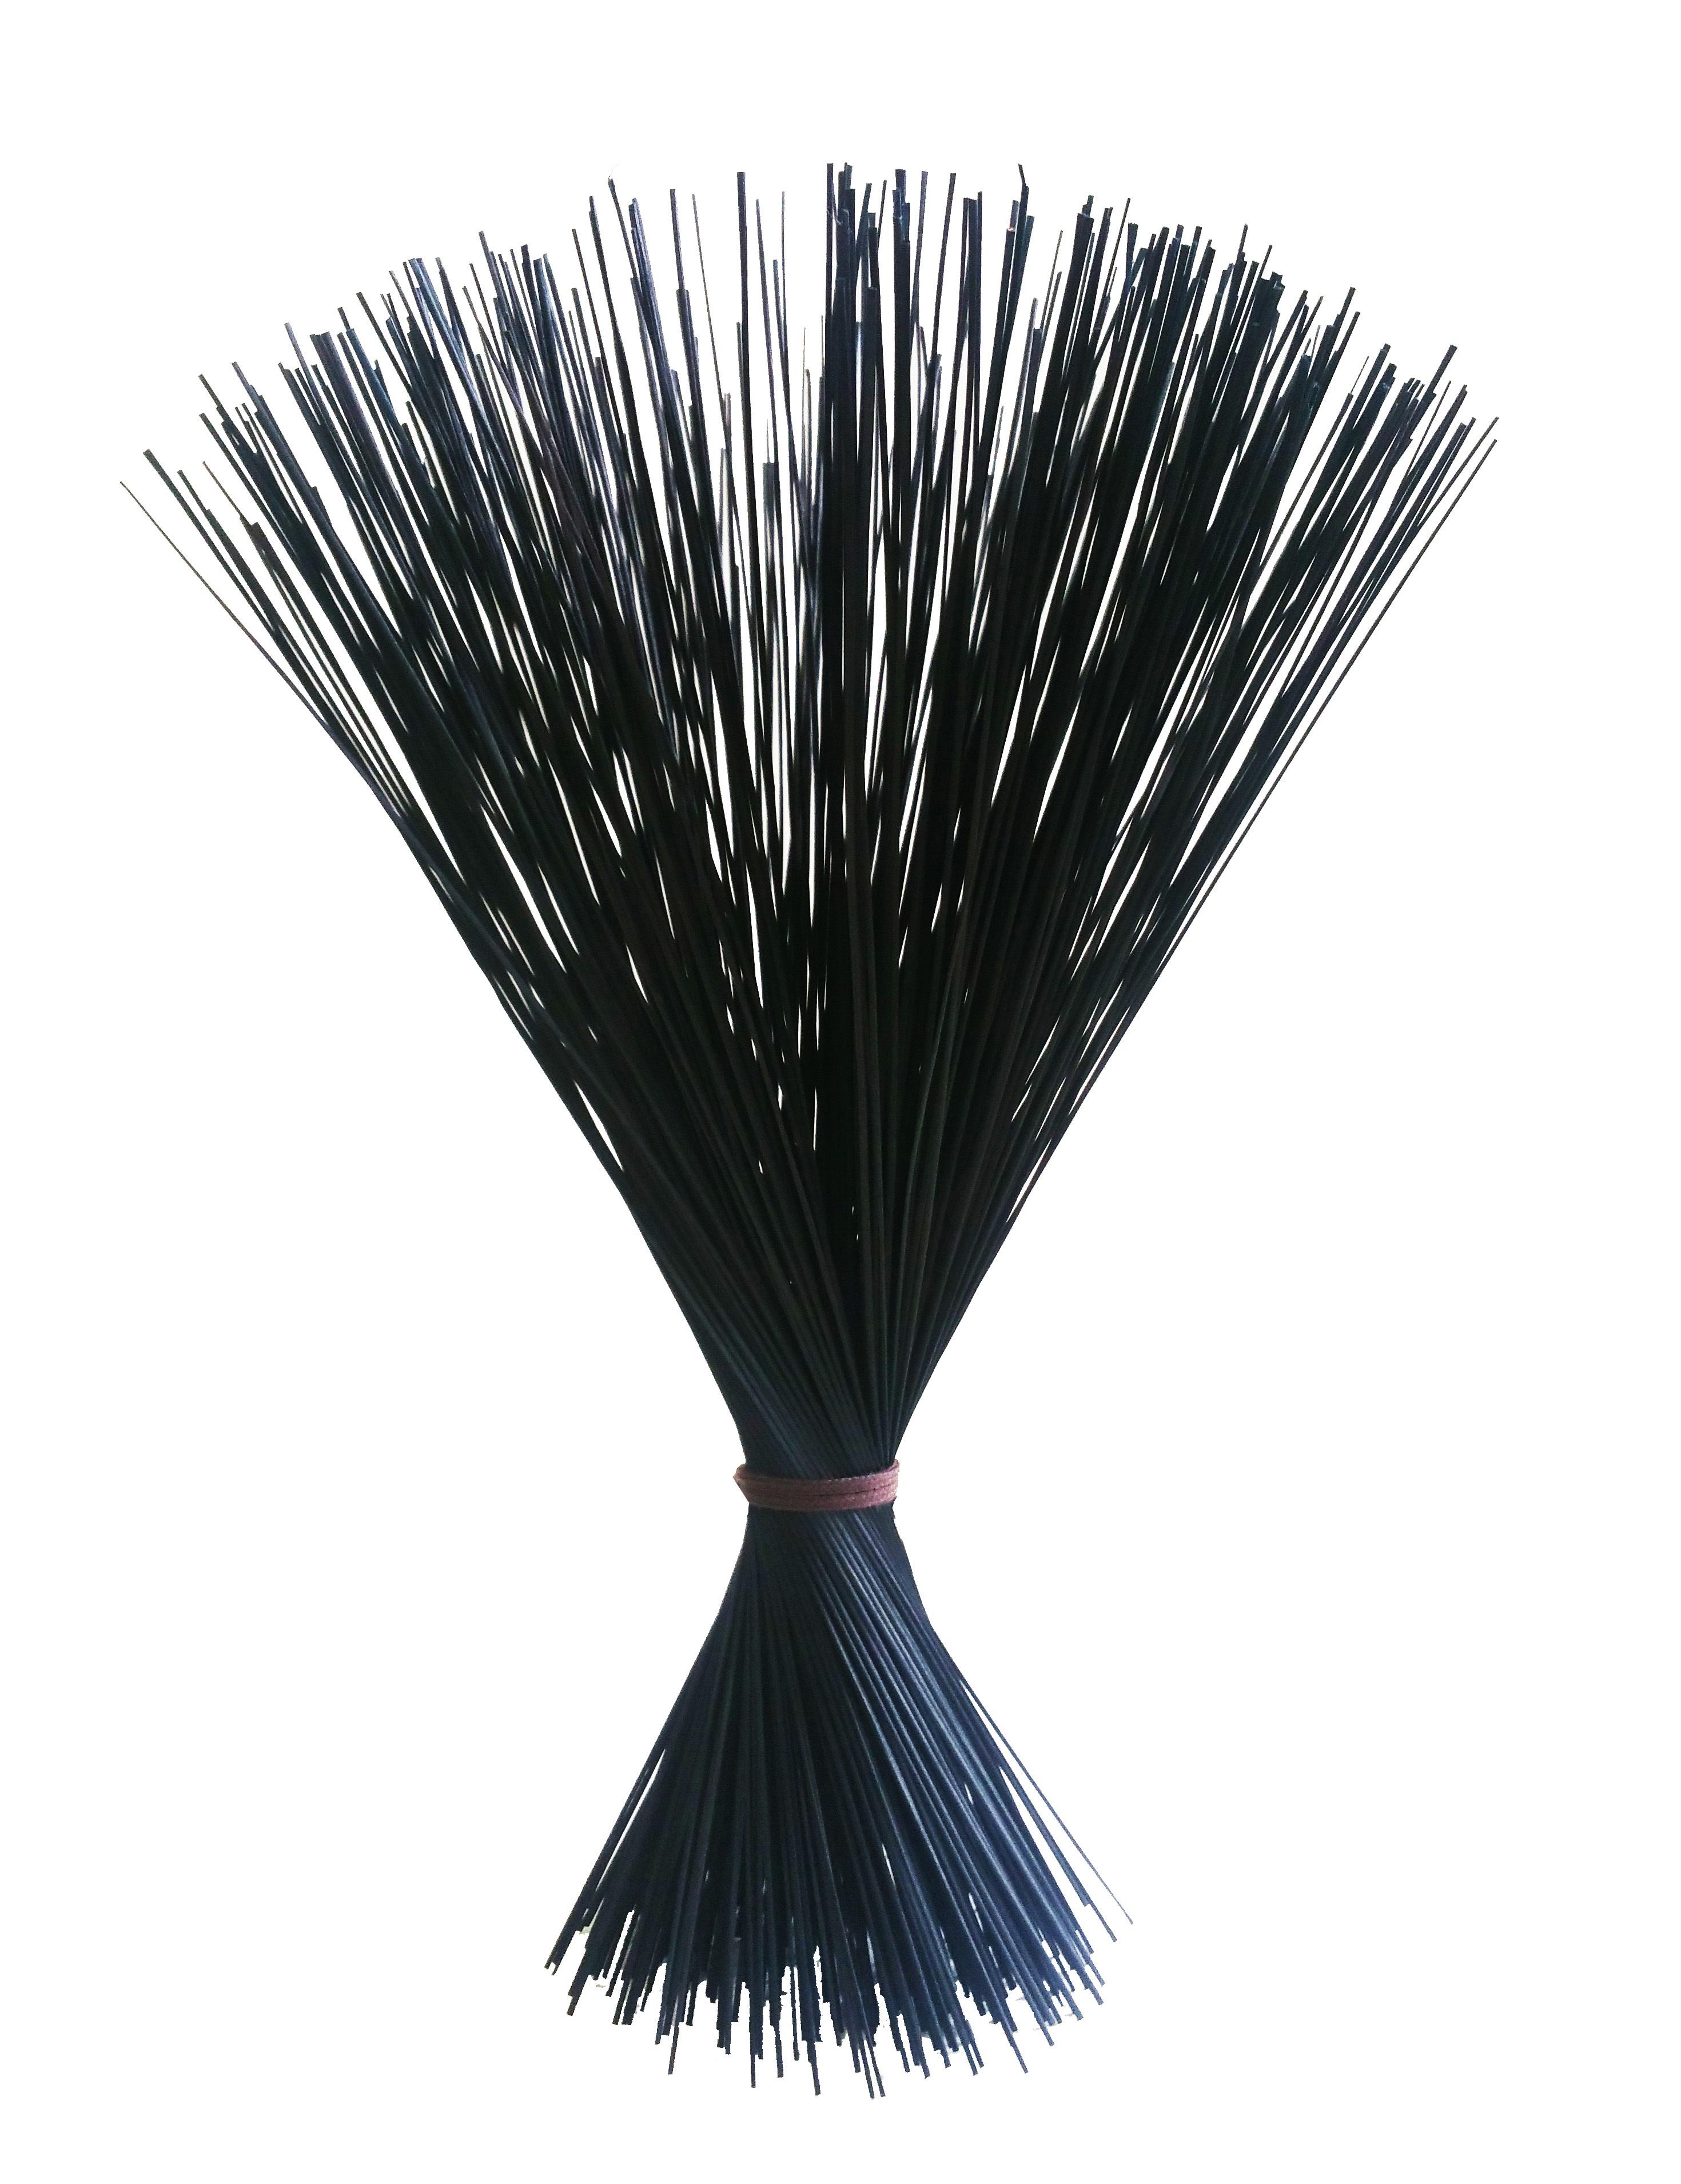 【イ草フラワー ブラック】Rush Grass Flower BLACK 35cm